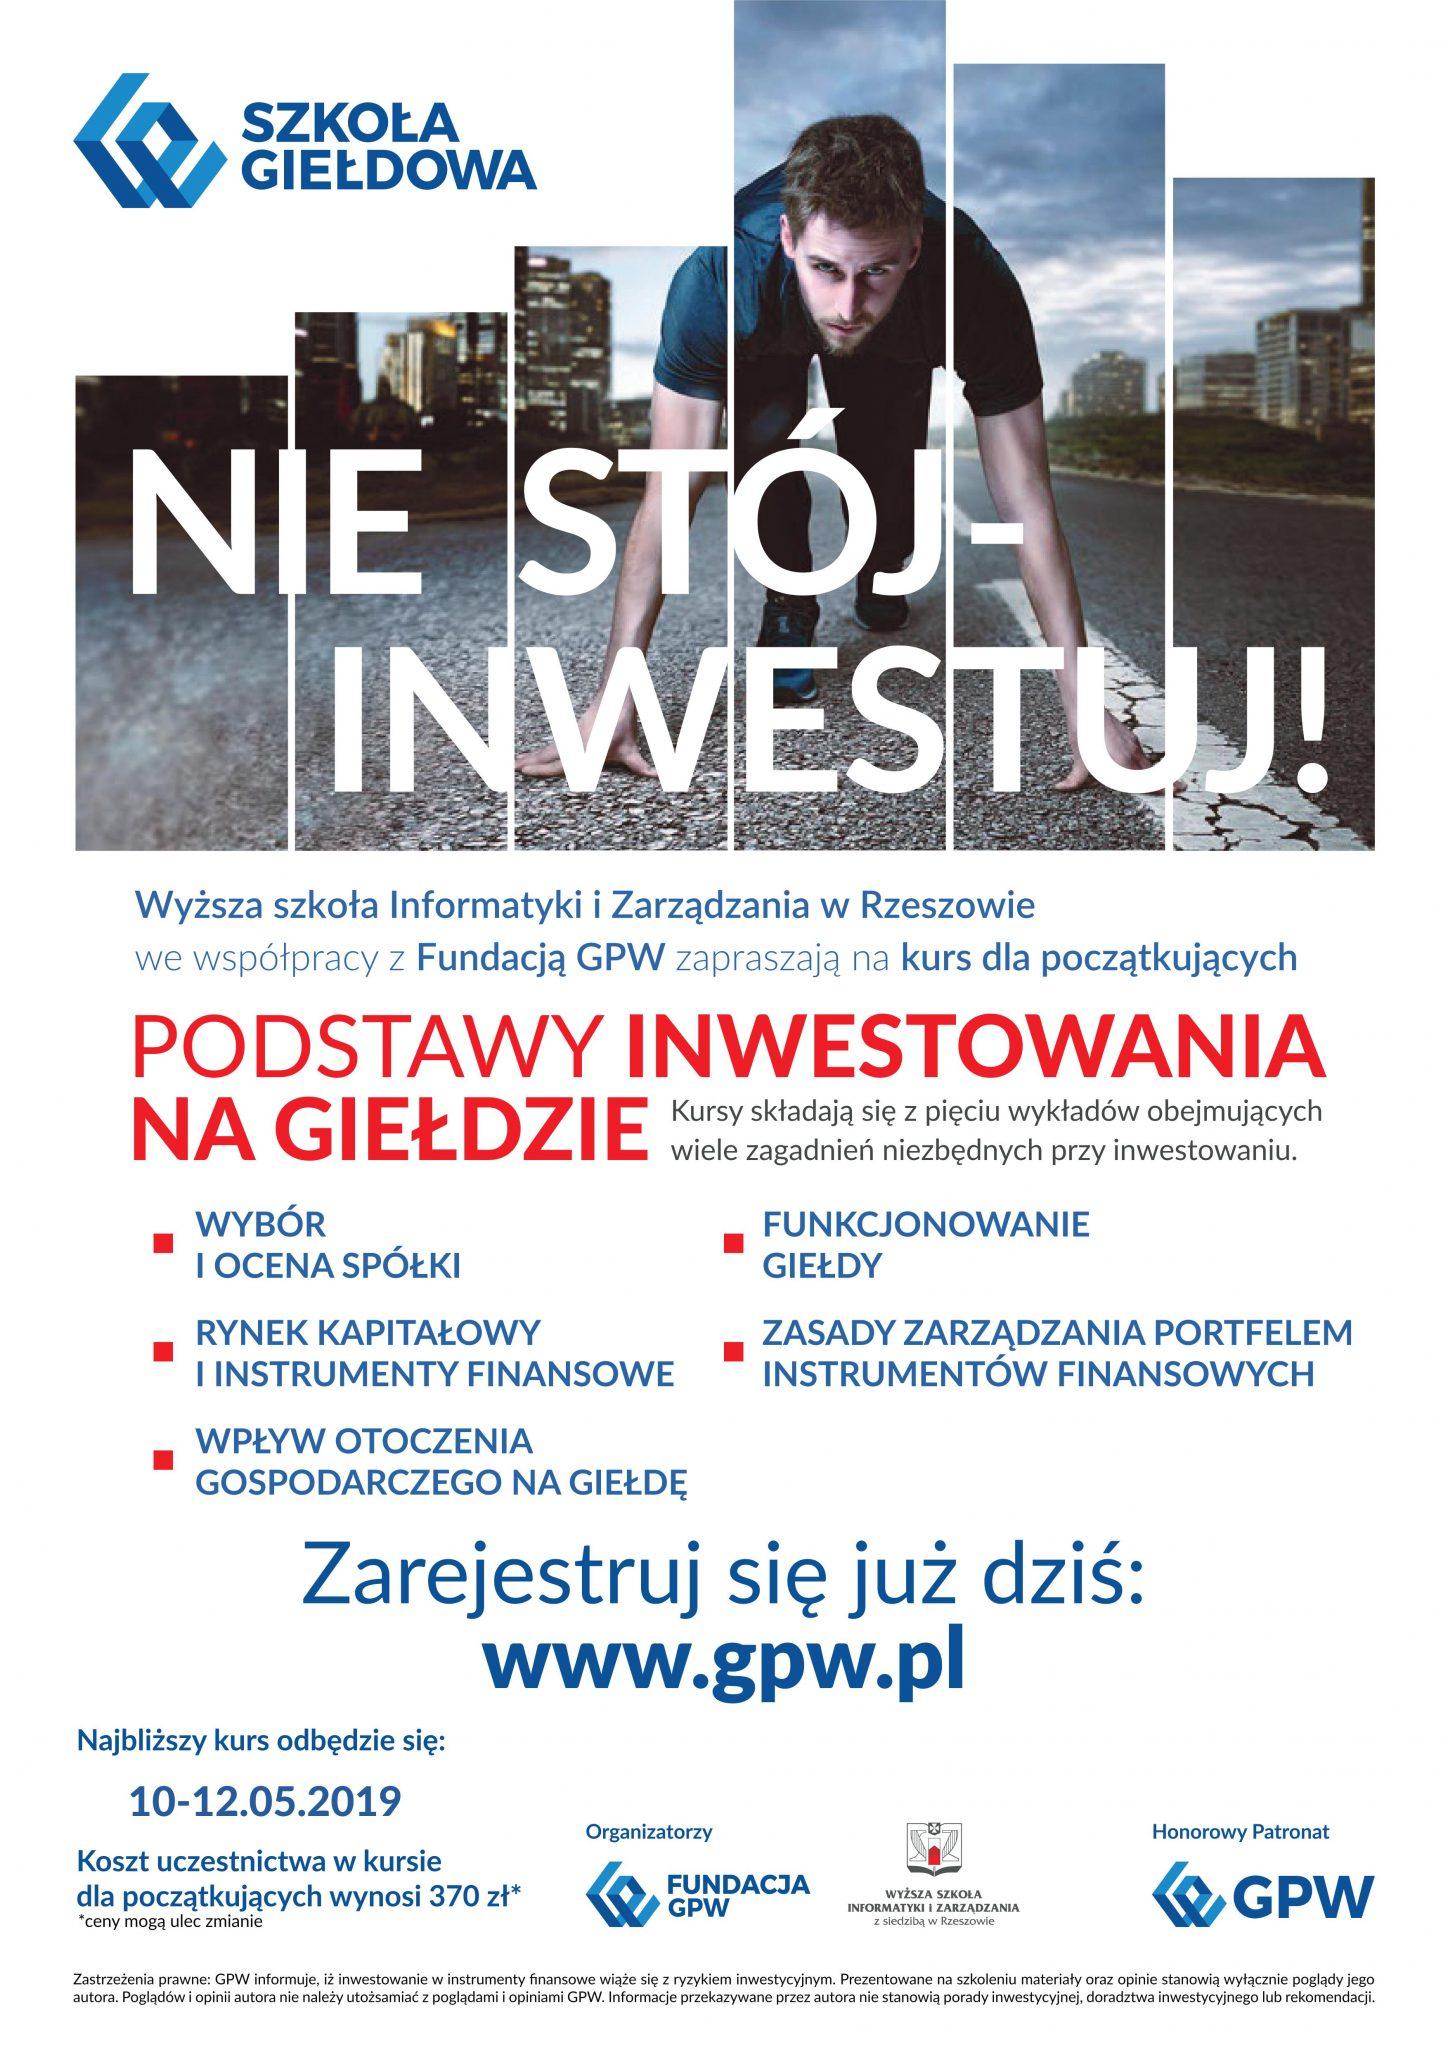 Kurs: Podstawy inwestowania nagiełdzie